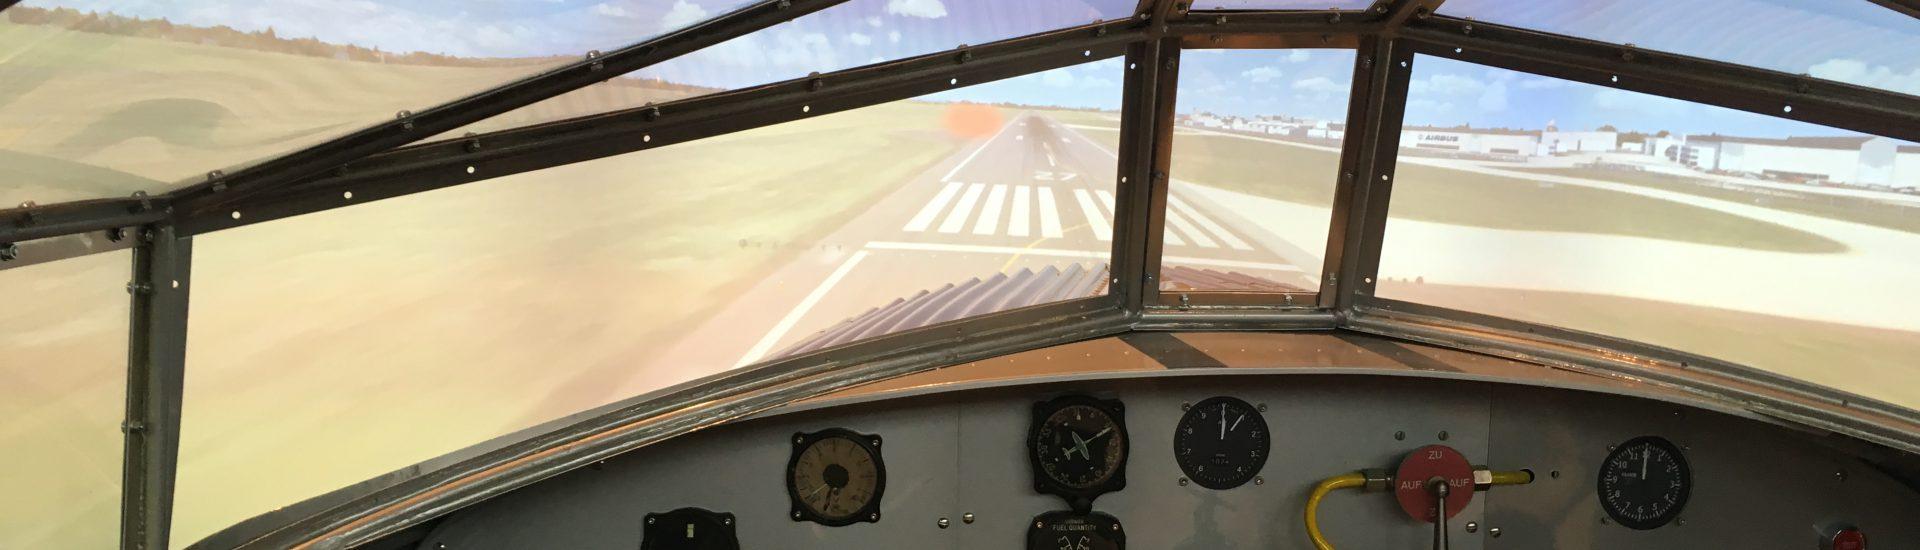 Junkers W33 Simulator Airport Bremen